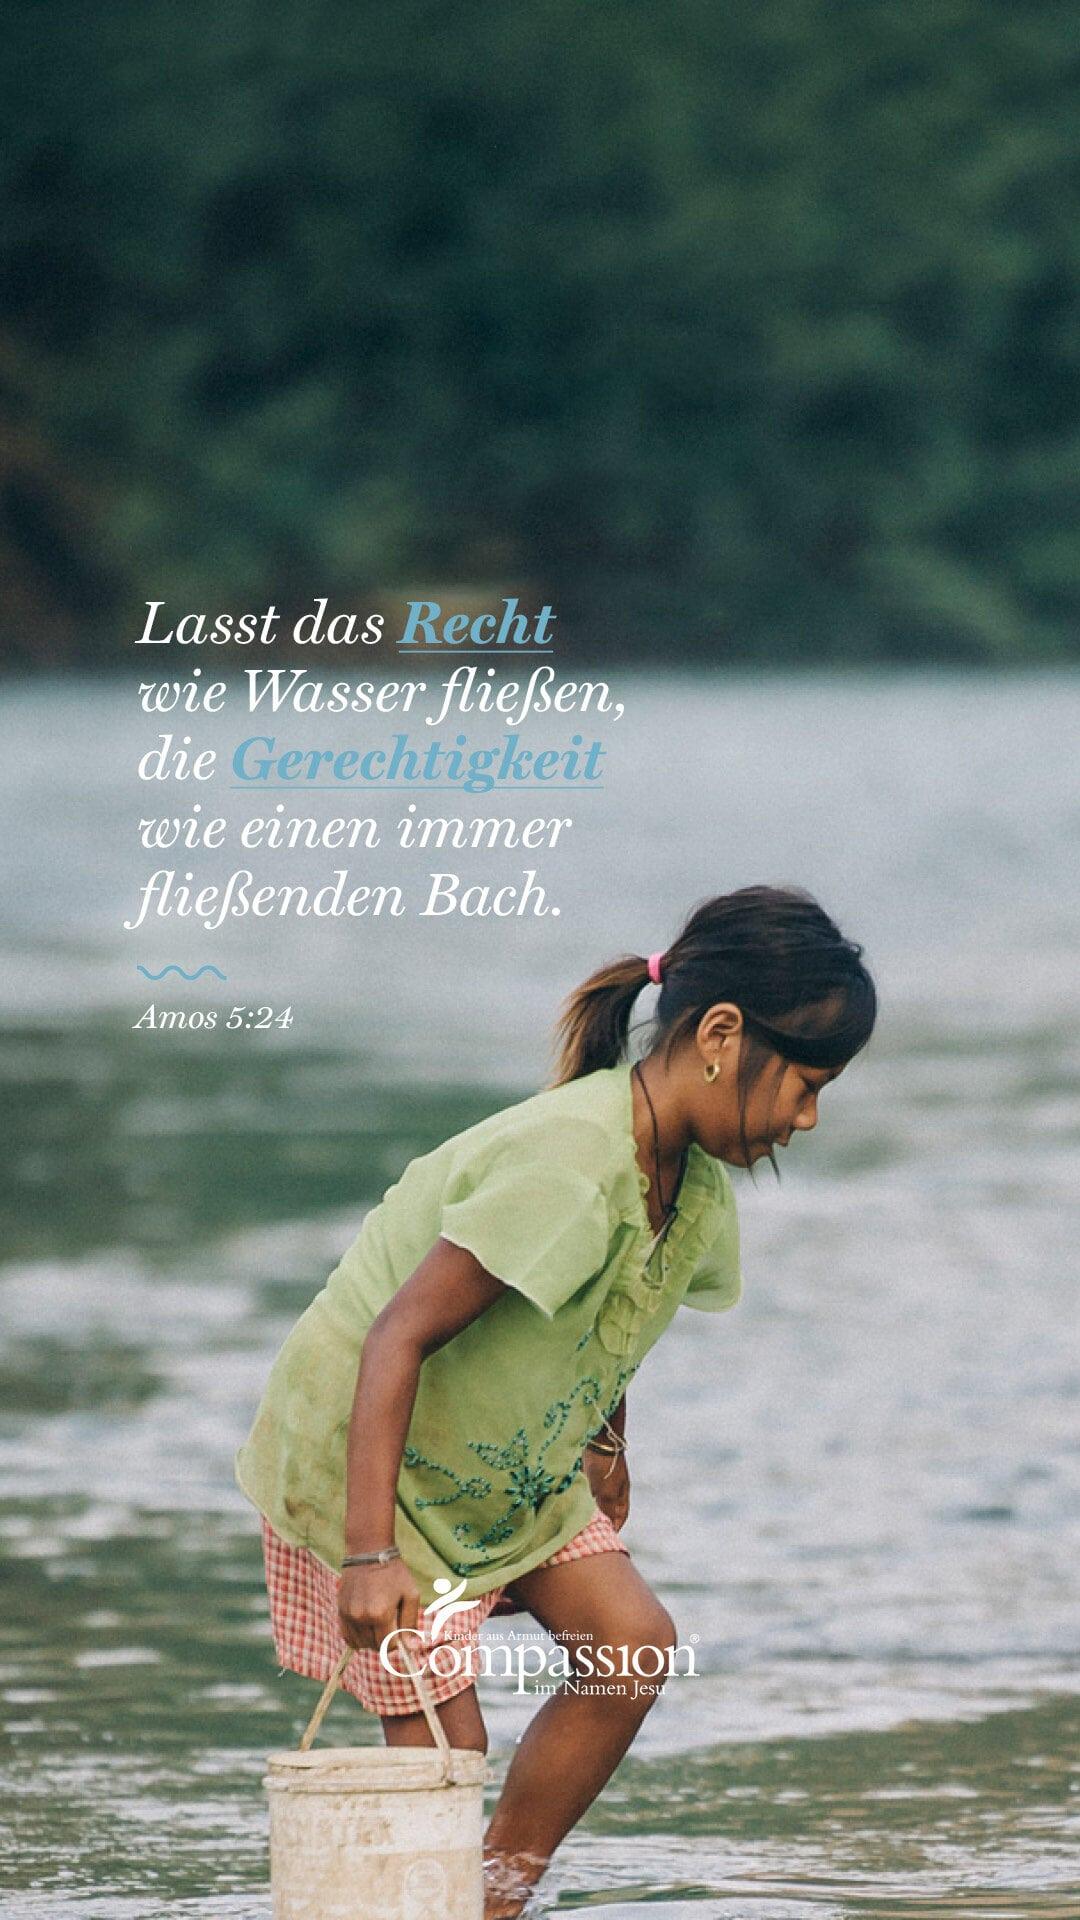 """alt=""""Amos_5_24_Wallpaper_Compassion_Deutschland"""""""